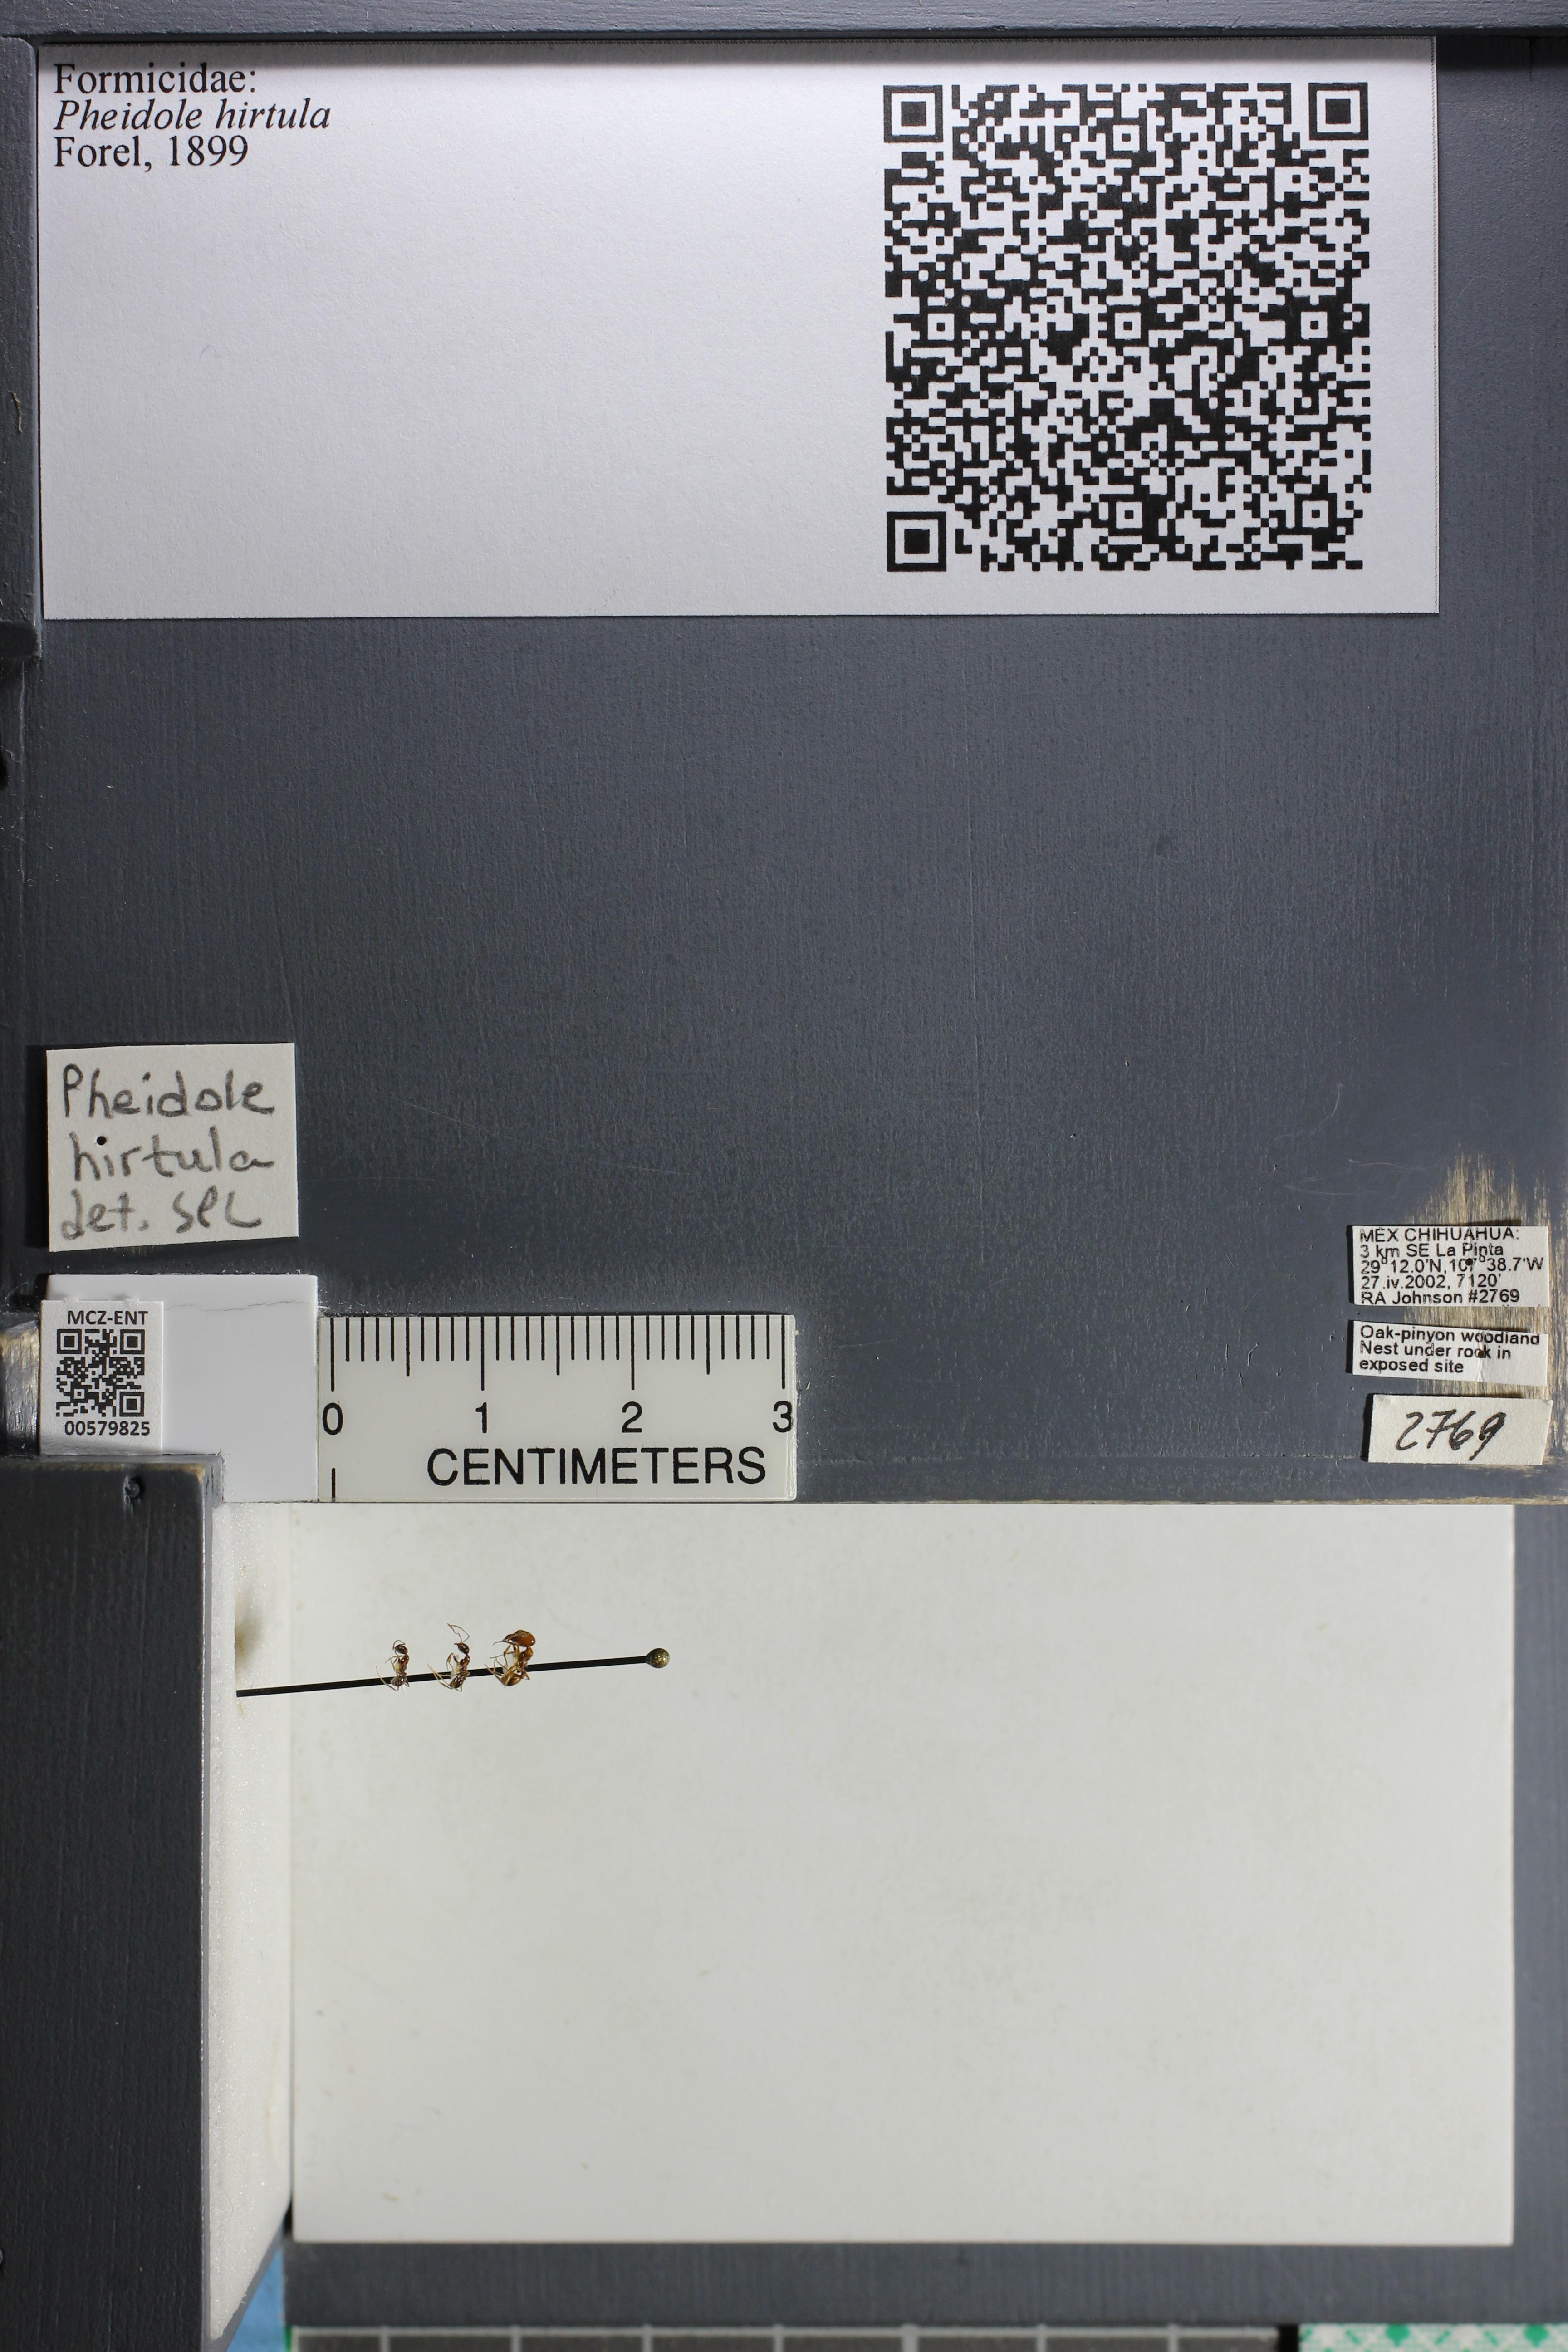 Media of type image, MCZ:Ent:579825 Identified as Pheidole hirtula.